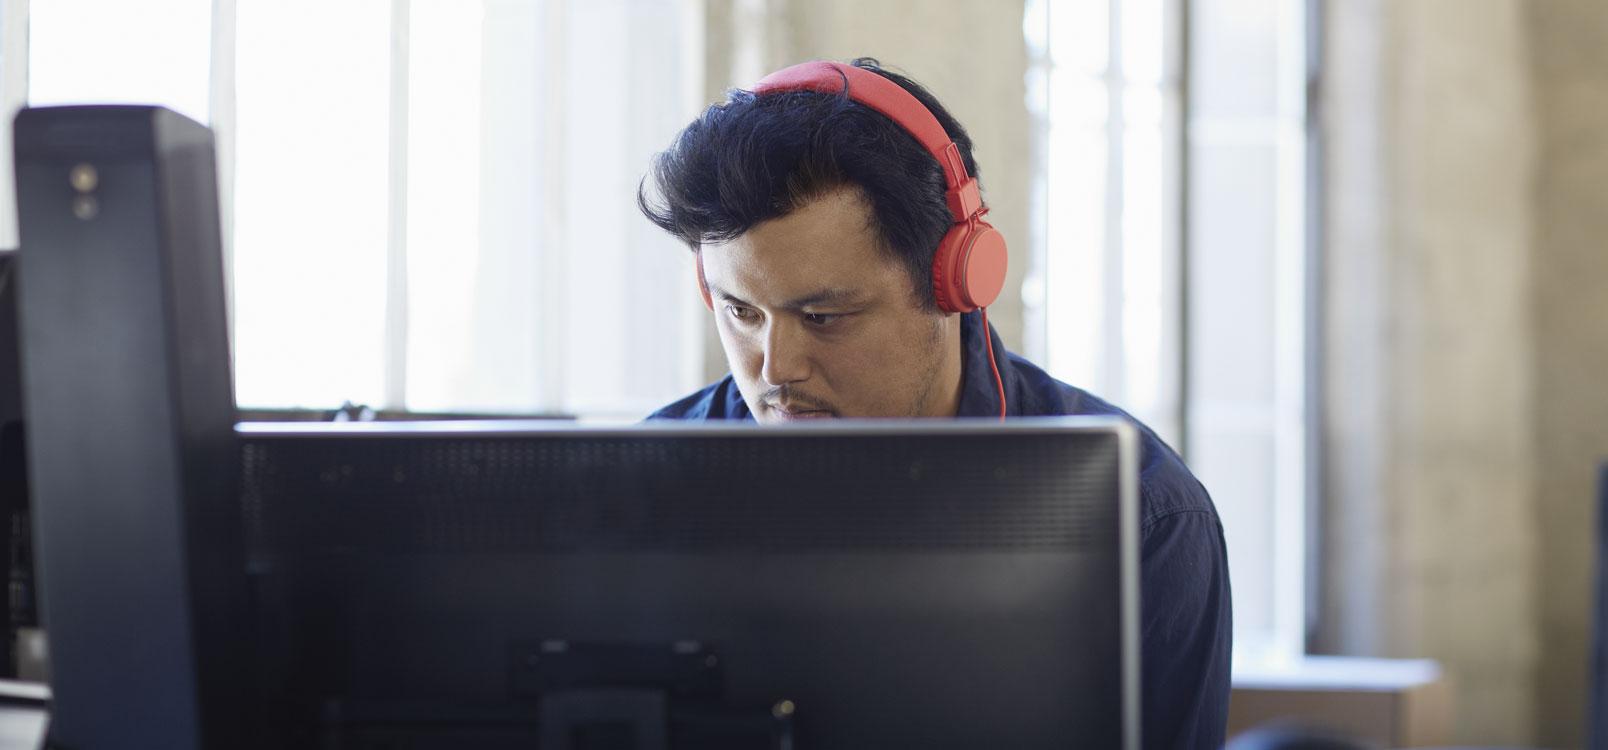 男性がヘッドフォンを装着してデスクトップ PC で作業しています。Office 365 を使用して IT 担当者の作業をシンプルにします。